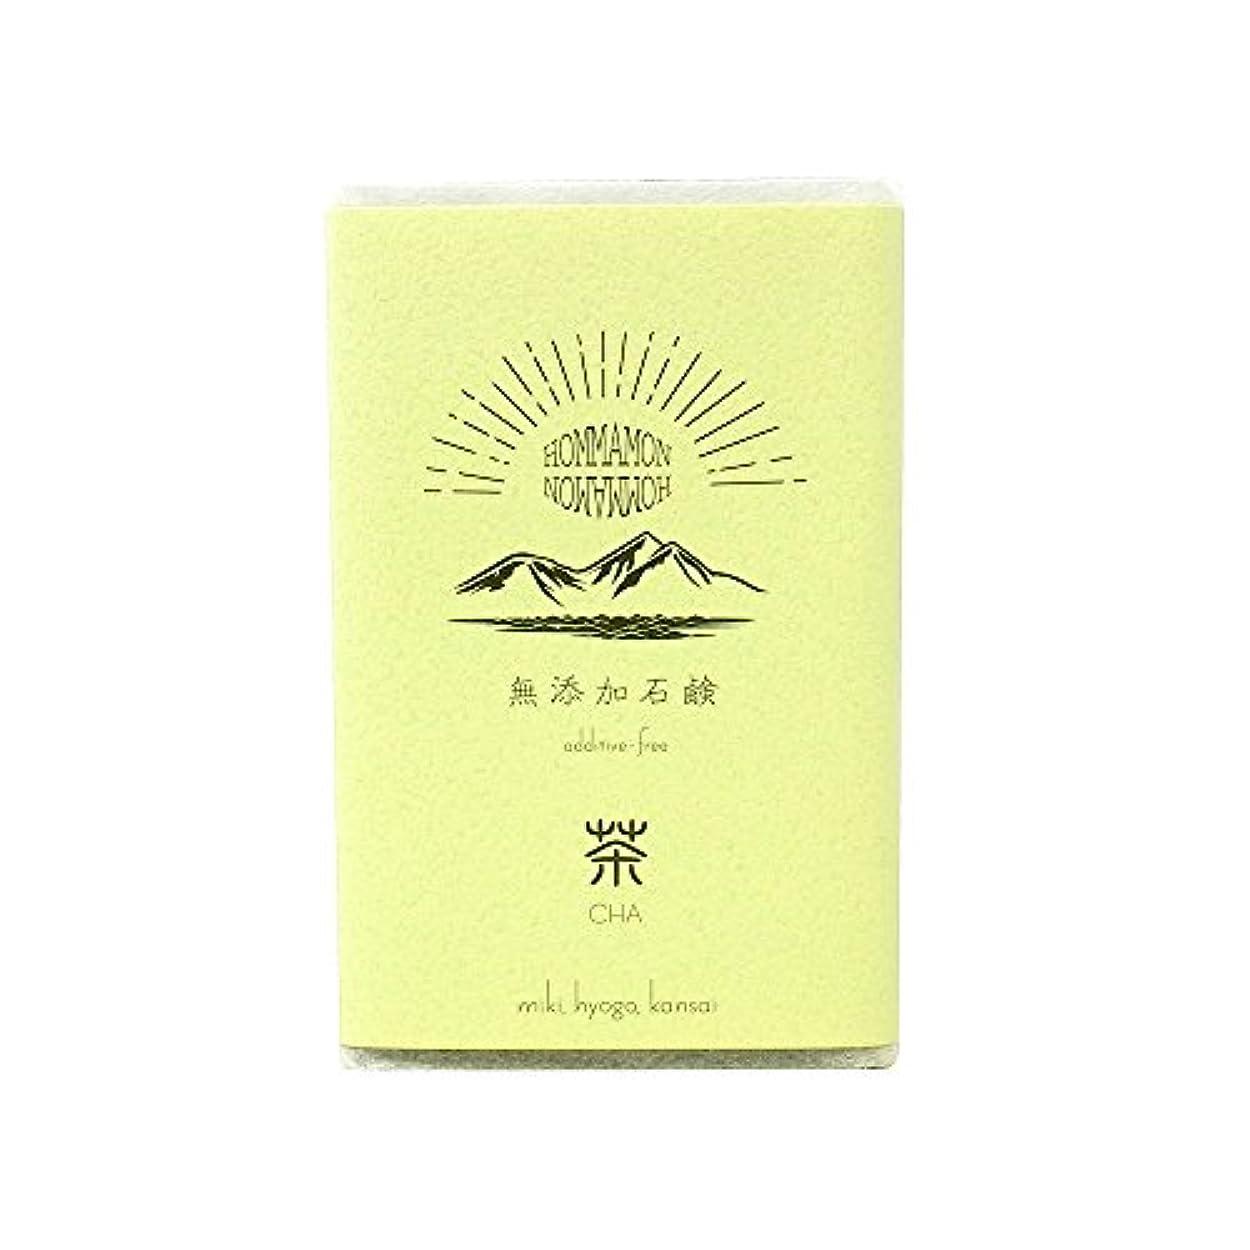 感謝しているマラドロイトリフレッシュ兵庫三木 無添加石鹸 茶 90g